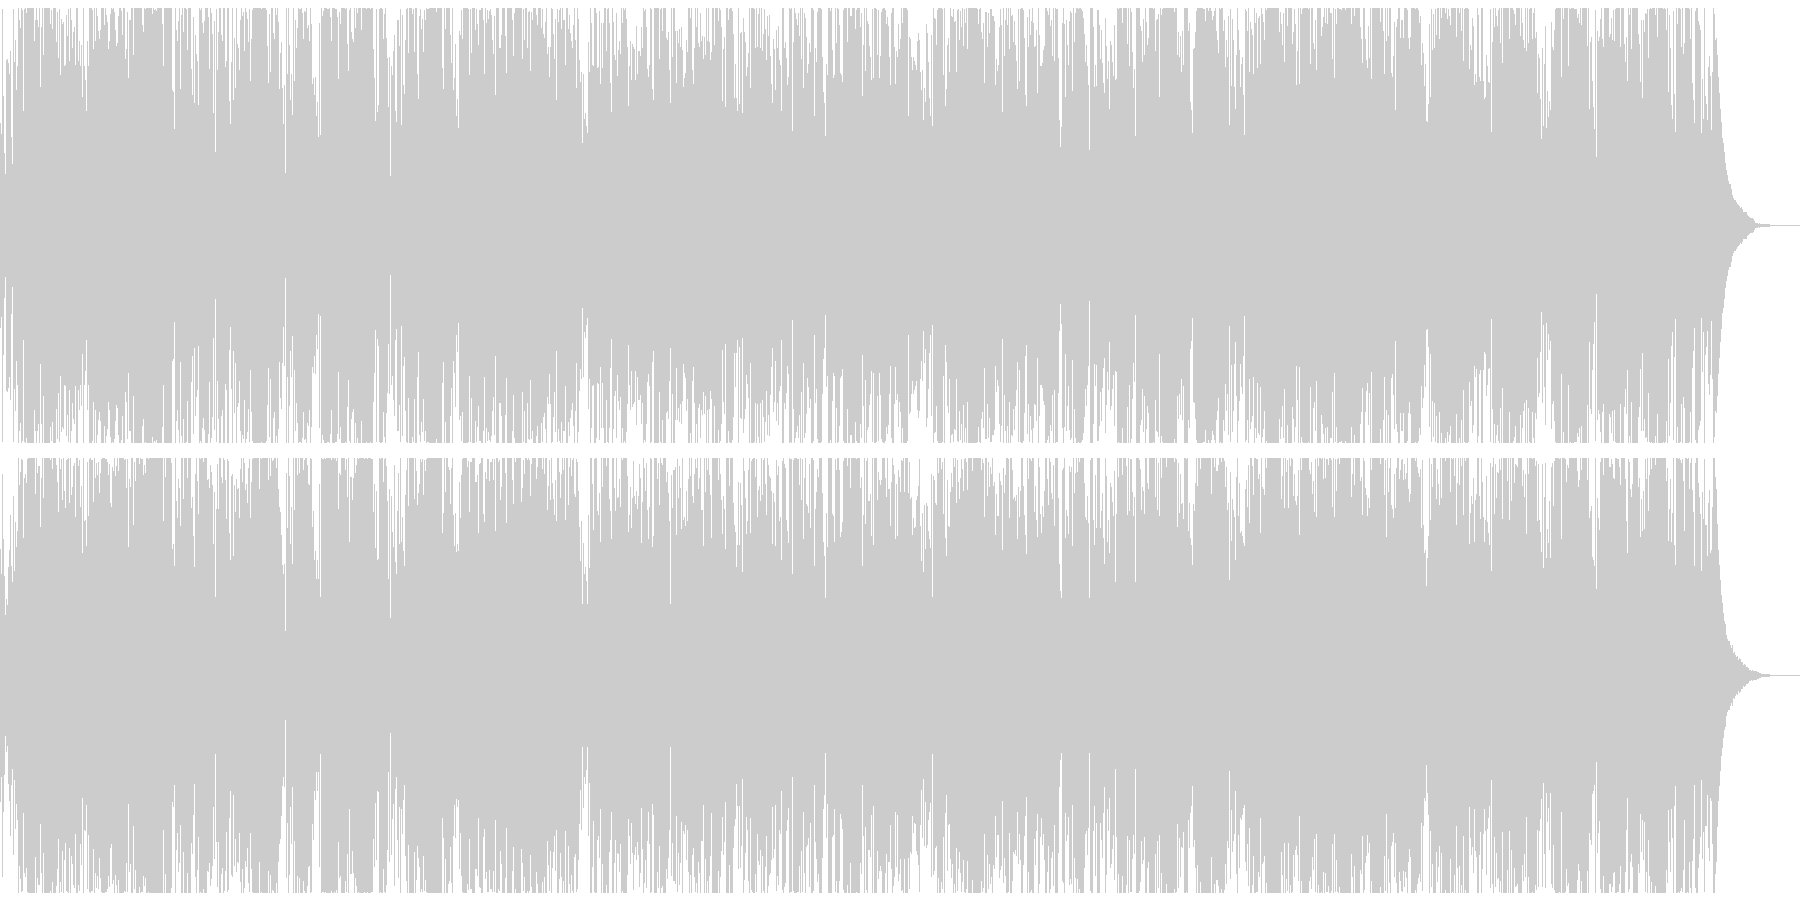 【生演奏】おしゃれな大人のジャズサンバの未再生の波形